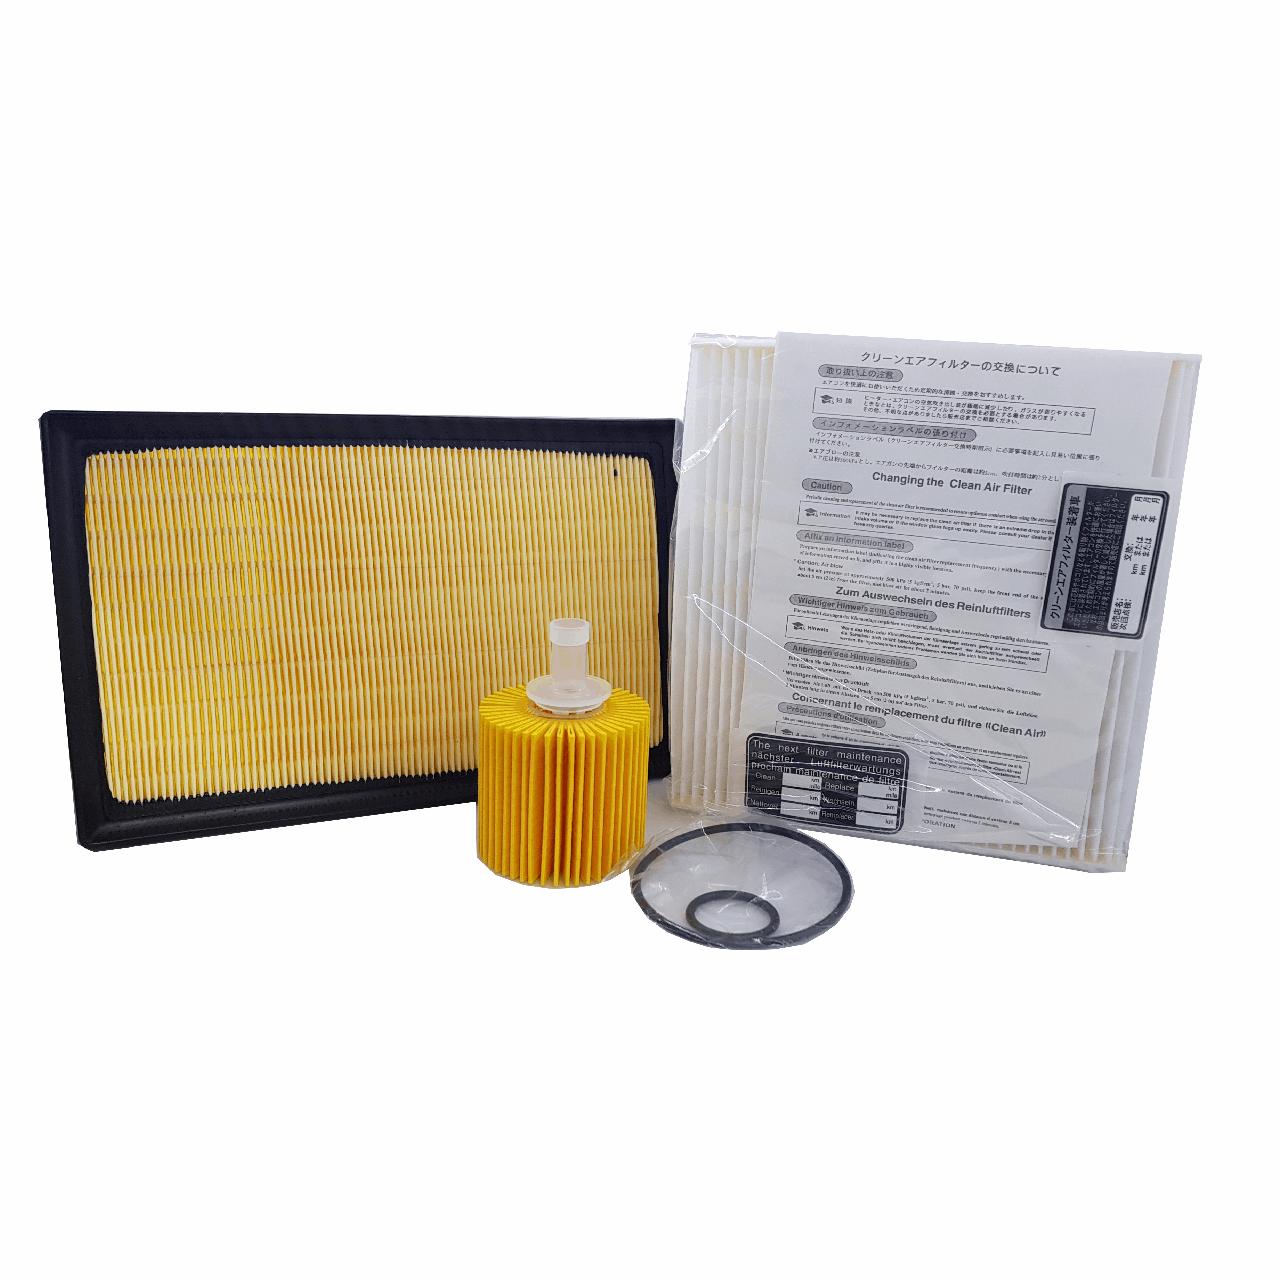 بسته فیلتر خودرو اطلس میکال مدل 3352 مناسب برای تویوتا راو 4